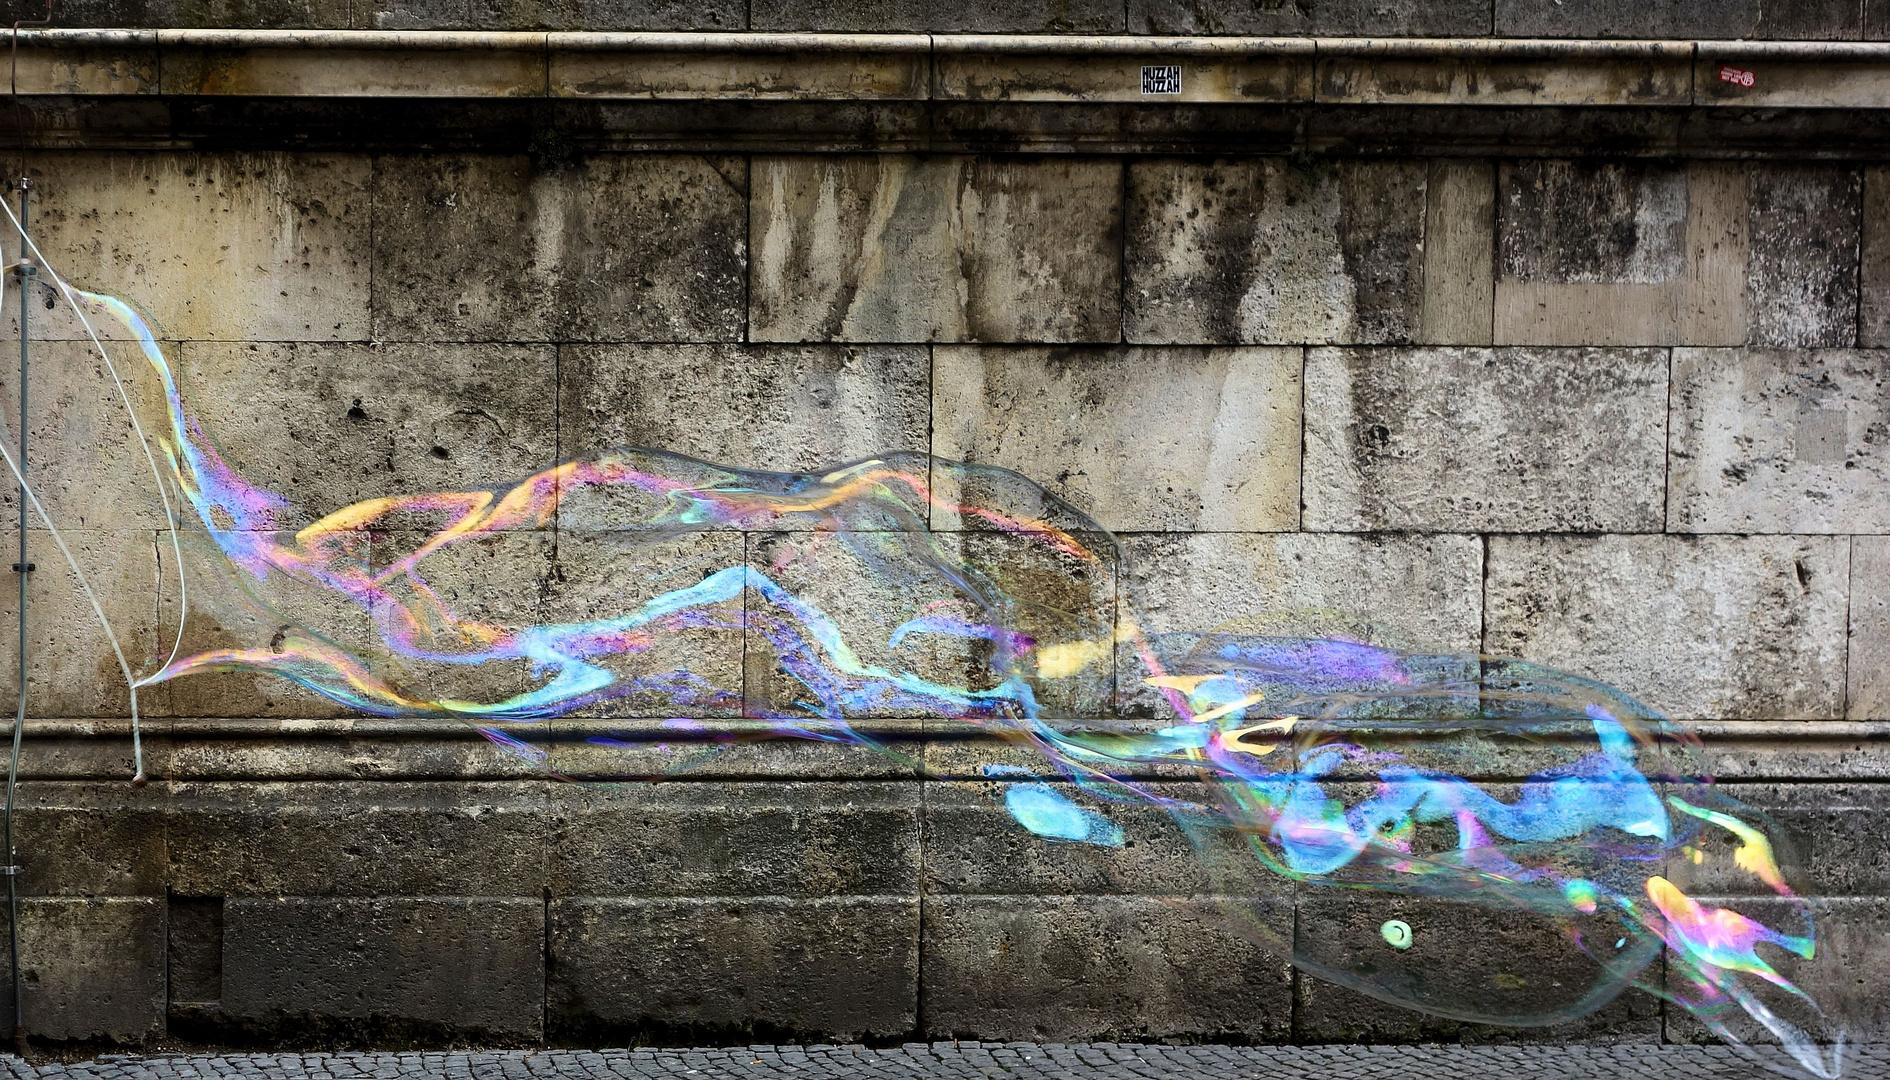 kein normales graffiti!